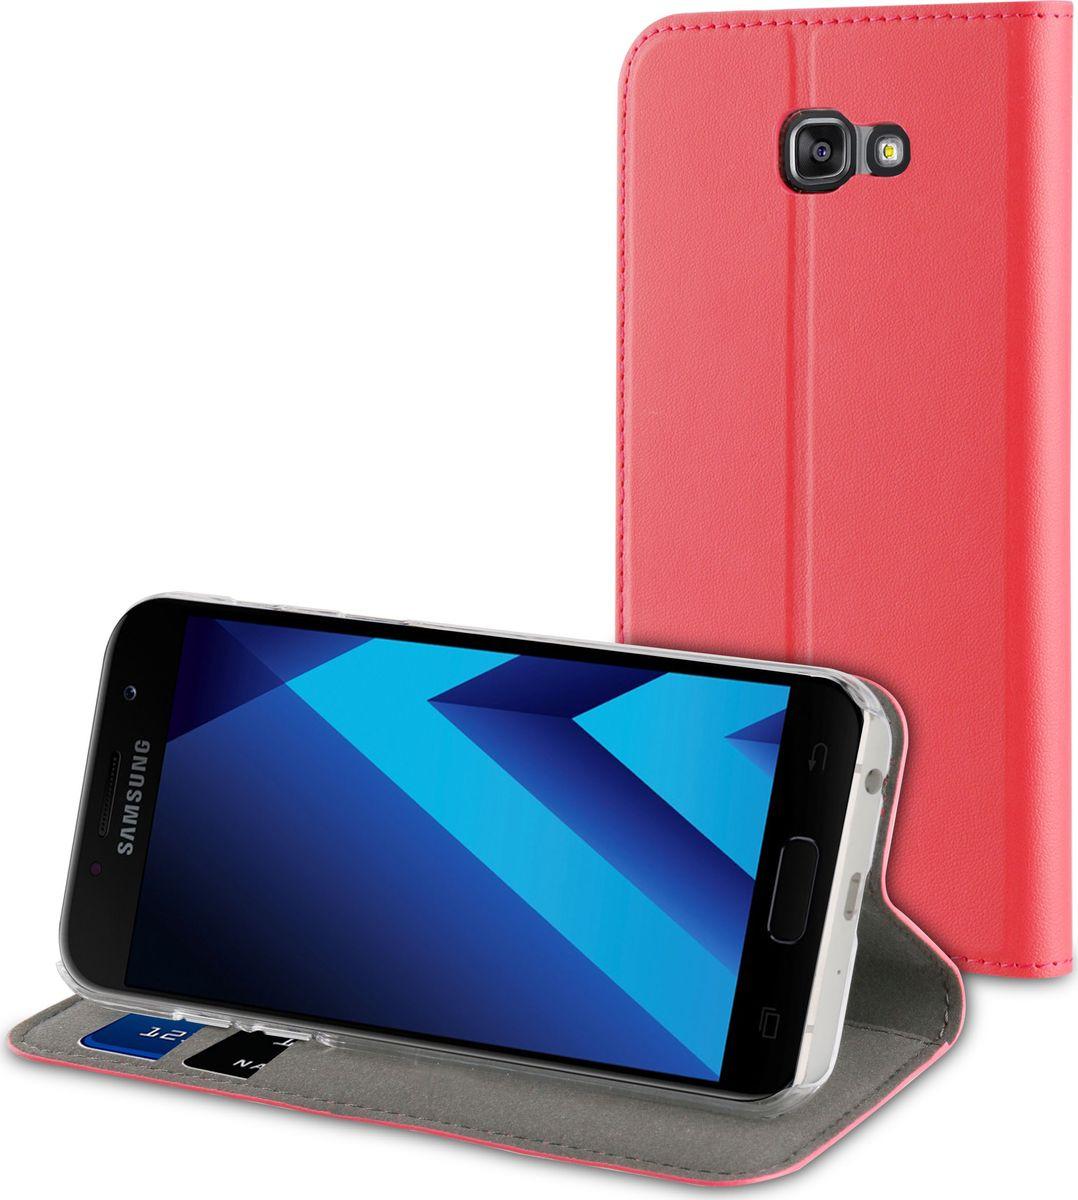 Чехол для сотового телефона Muvit Folio Stand Case для Samsung Galaxy A3 (2017), MUFLS0084, розовый чехол для сотового телефона muvit clear back crystal case для samsung galaxy note 4 mucry0036 прозрачный